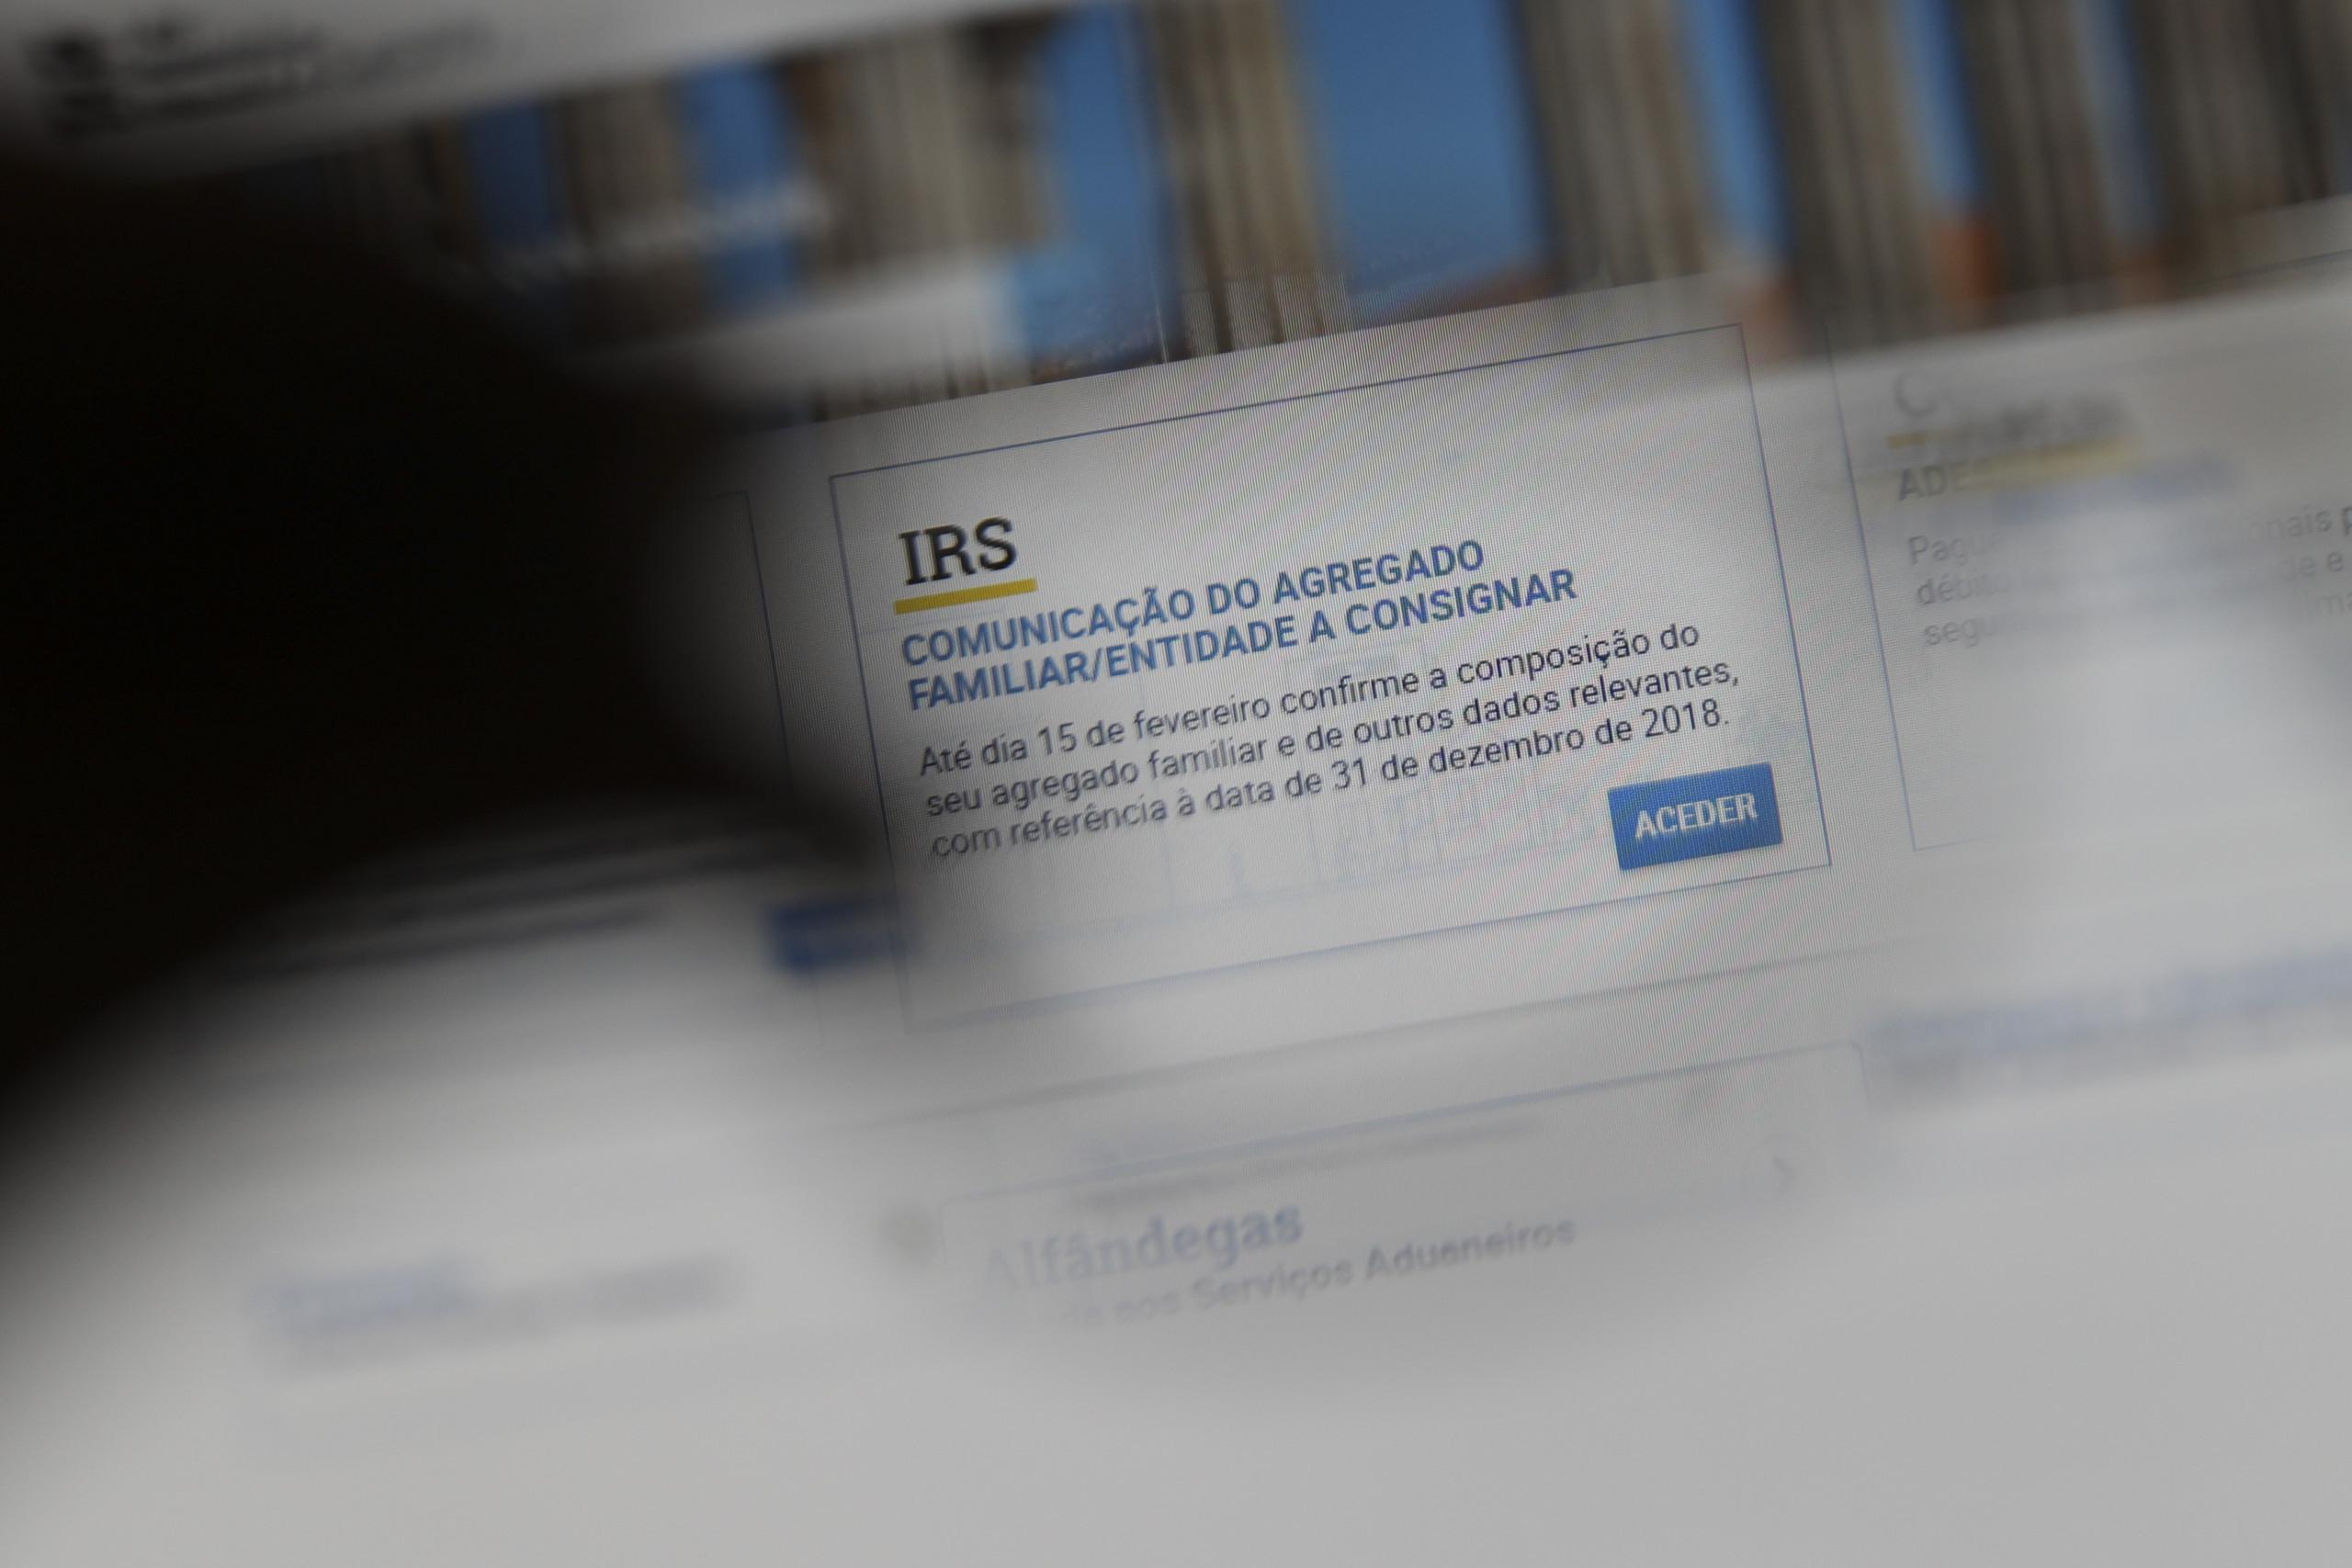 IRS. Opção pelo englobamento permite deduzir na renda prejuízos com obras